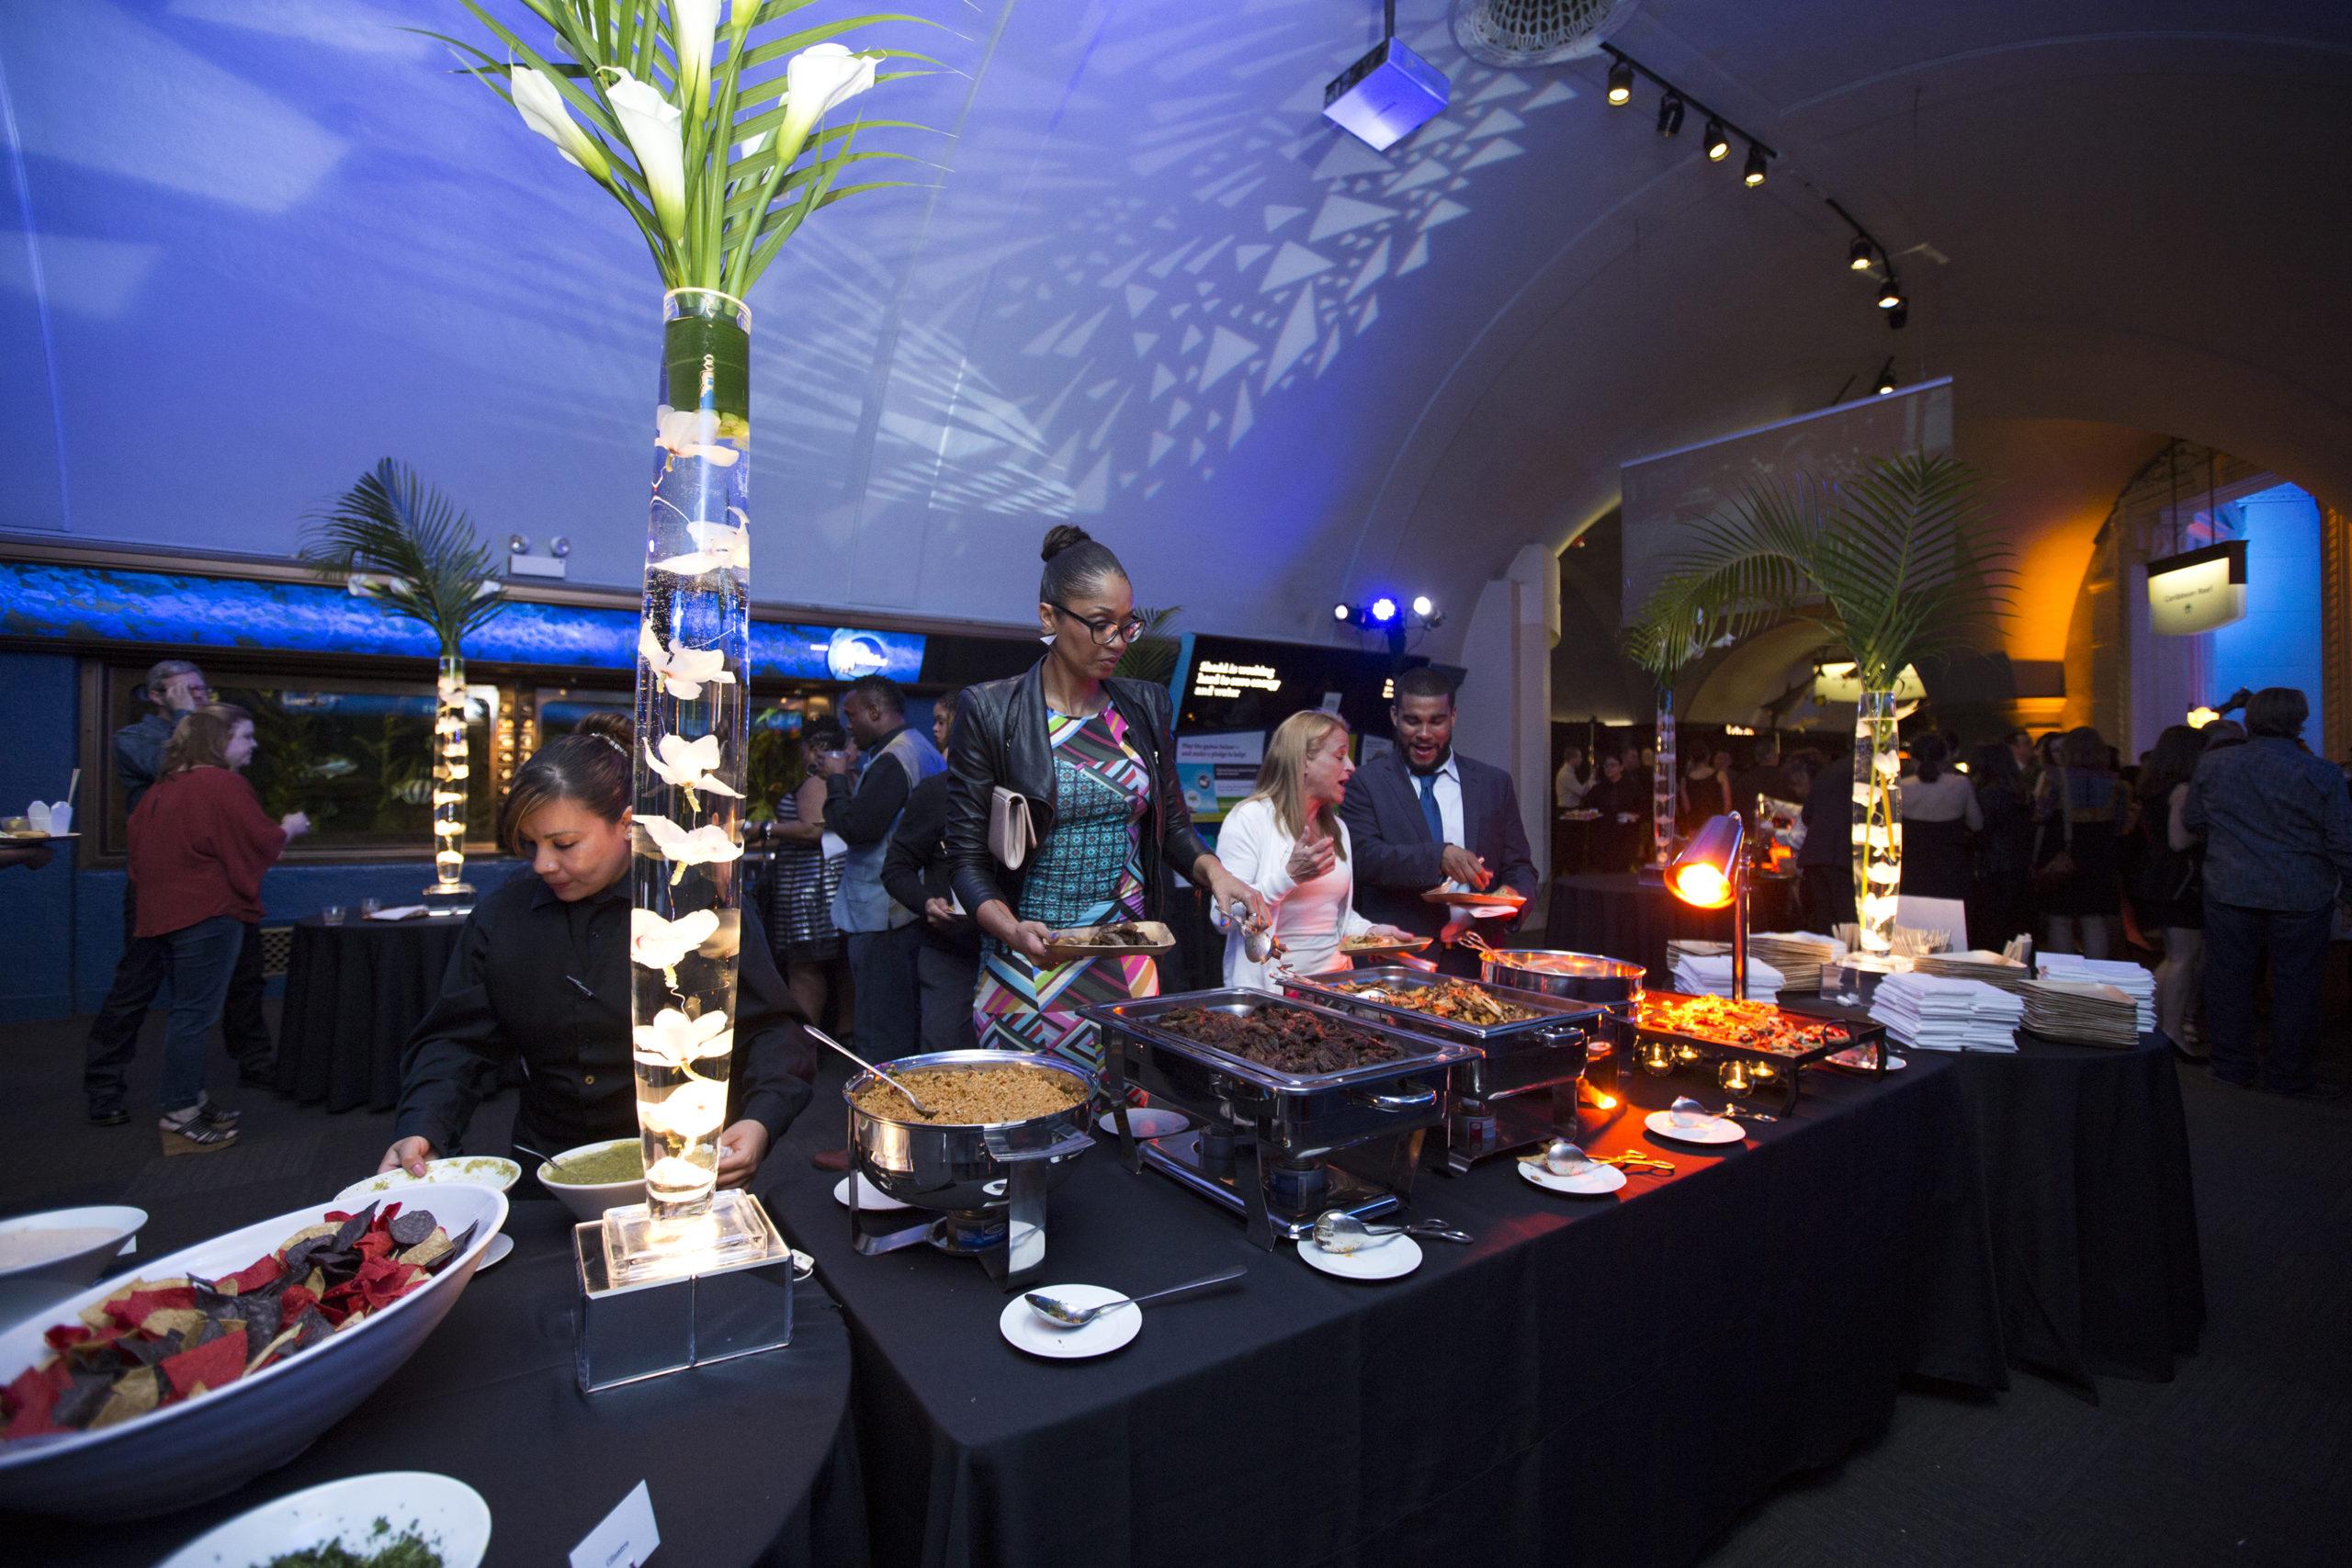 Food station set up at Shedd Aquarium event